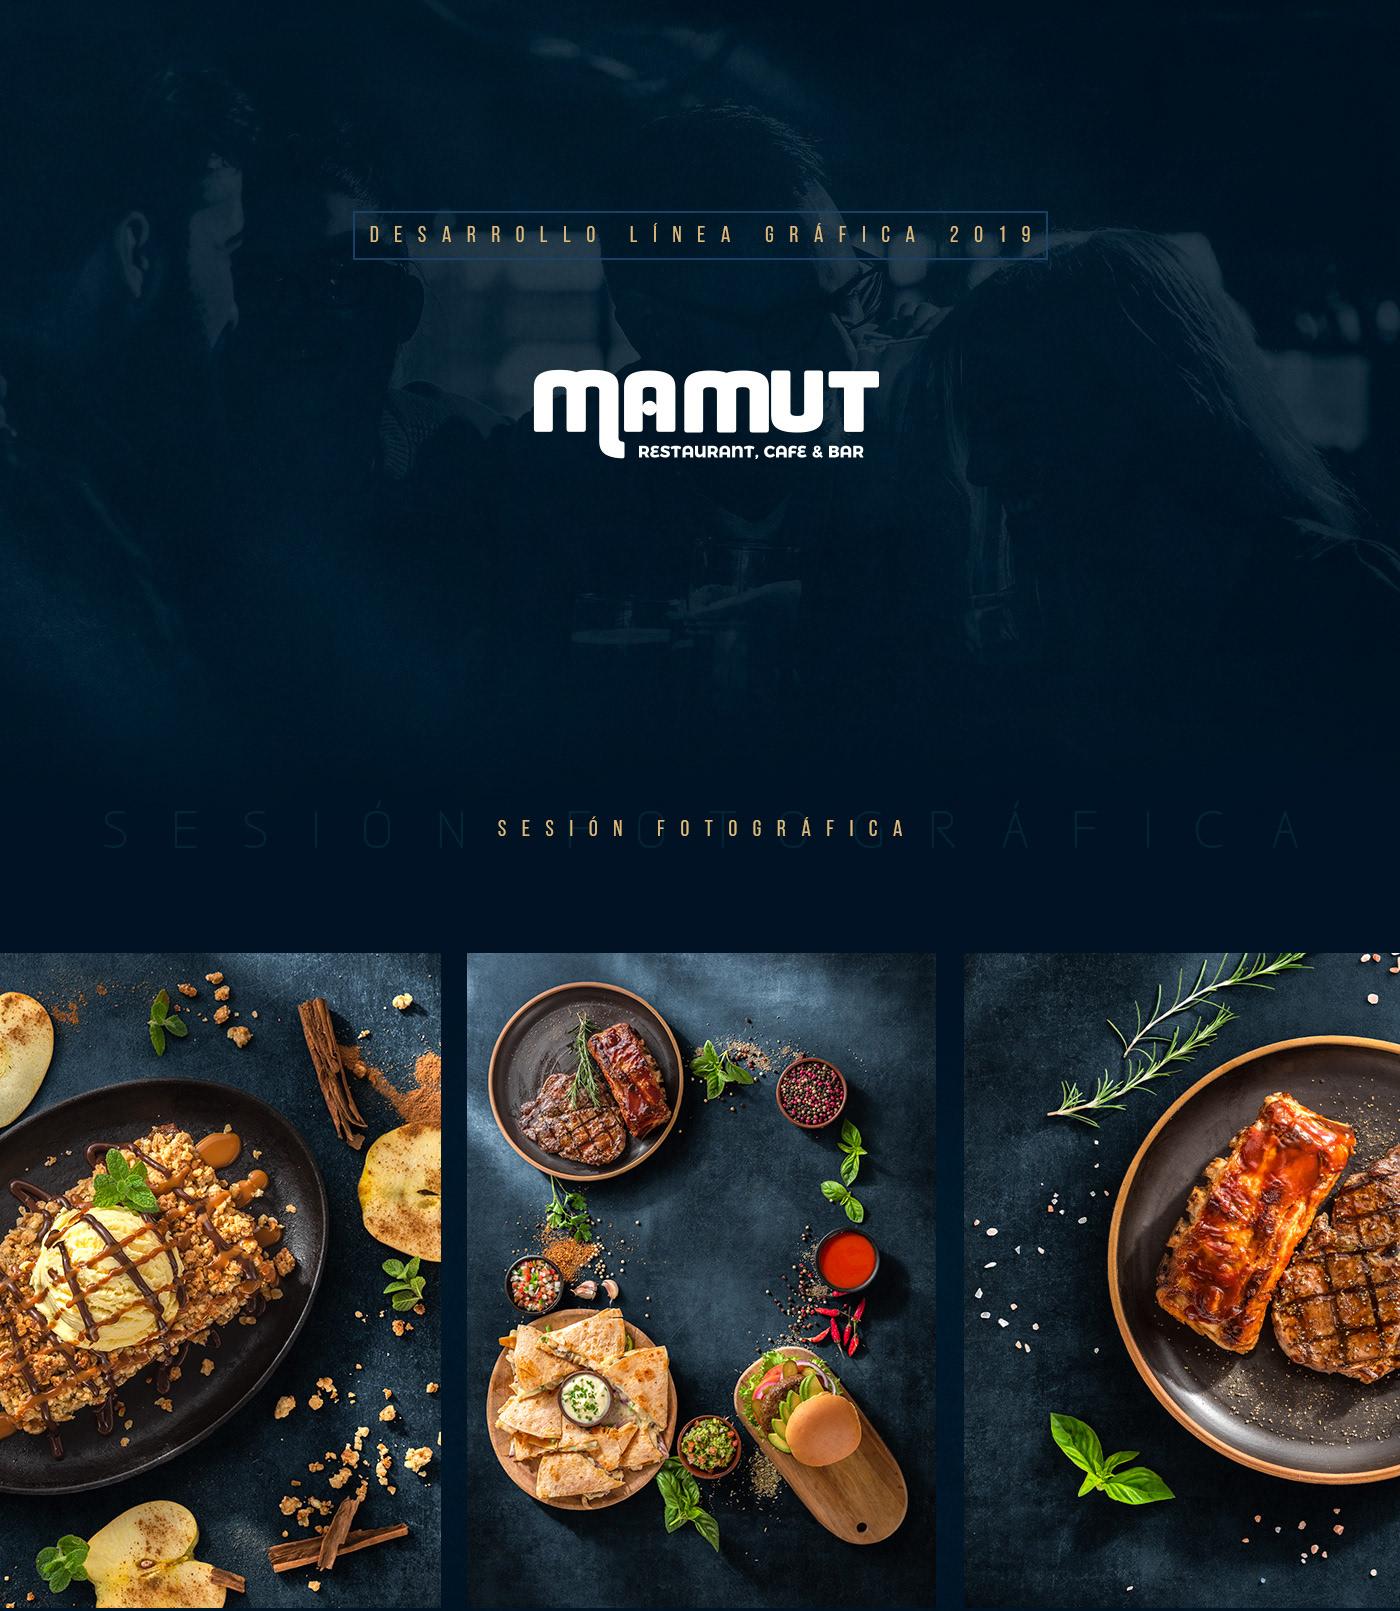 有創意感的42個菜單封面欣賞